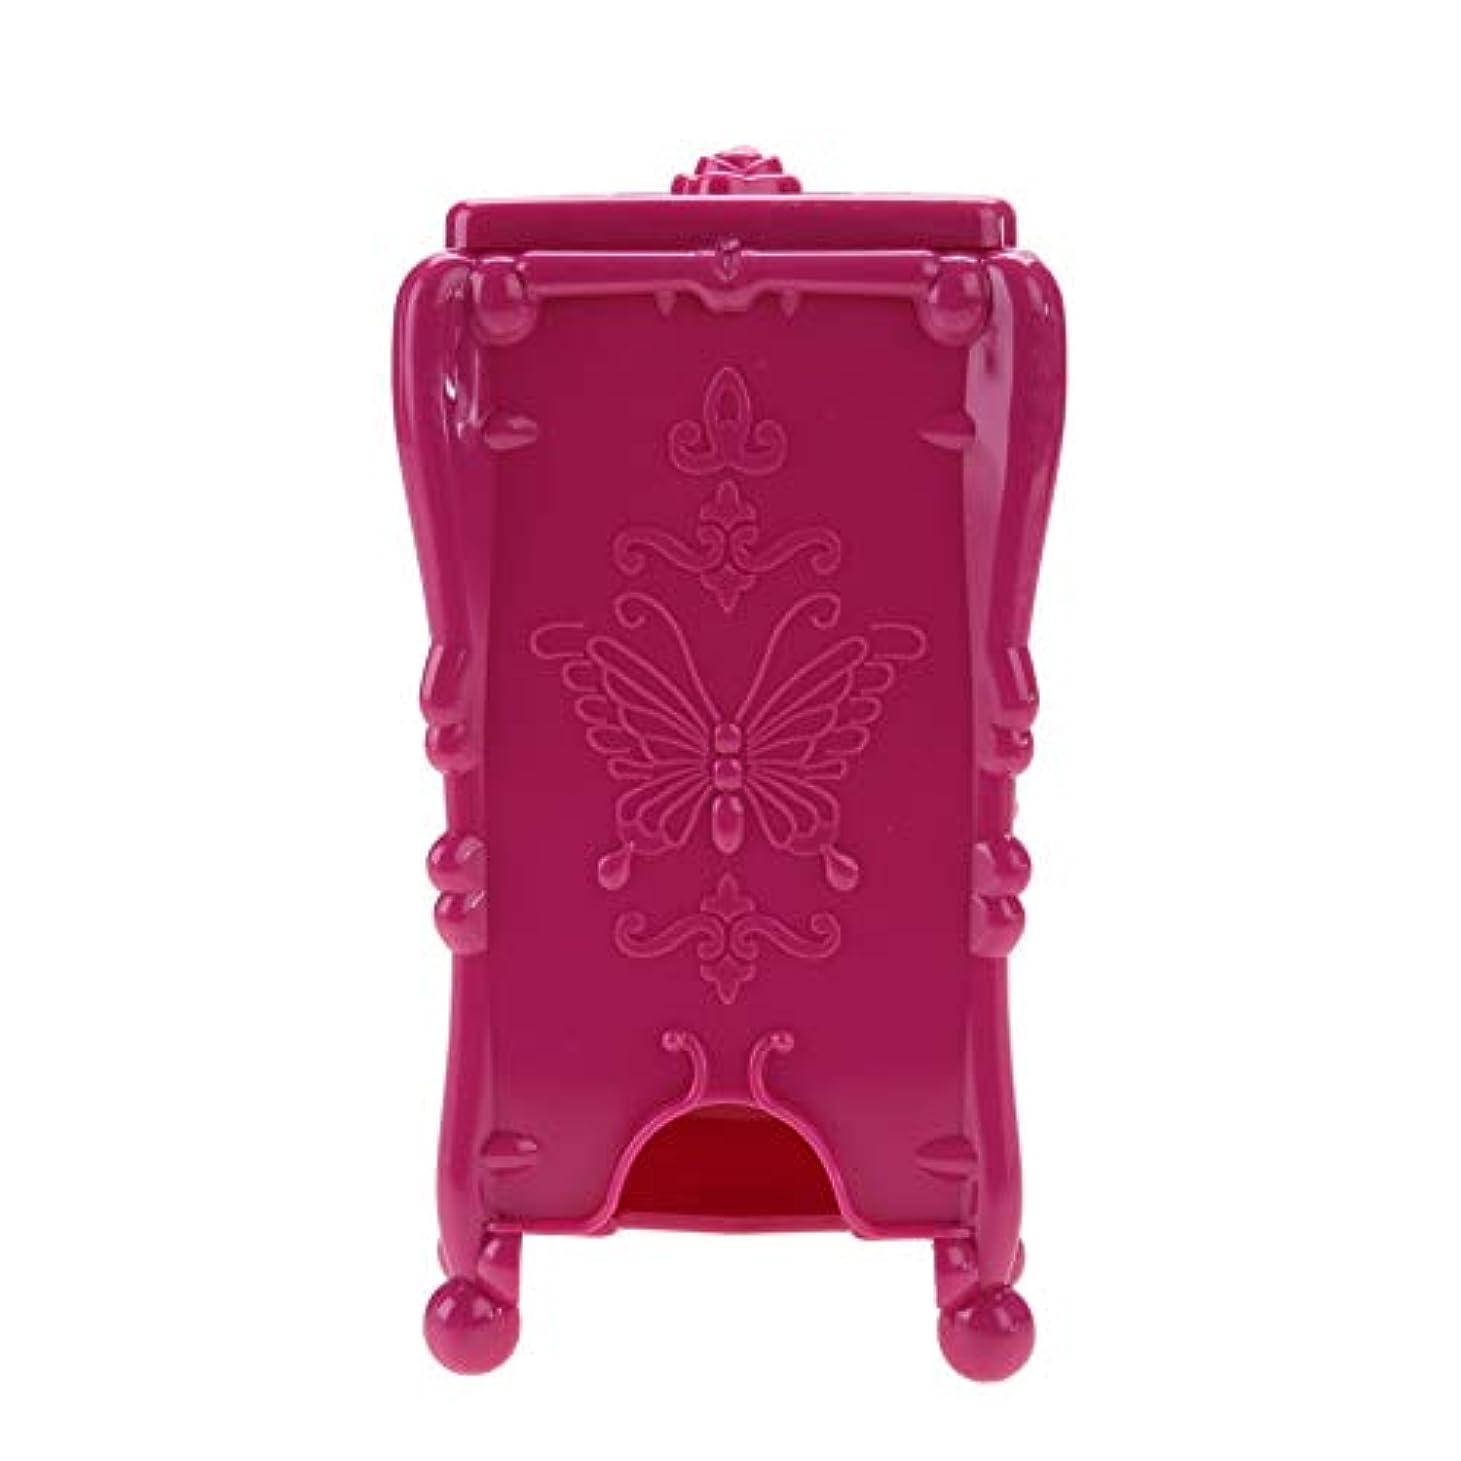 高潔なあまりにも仮称ネイルツール 収納ボックス ネイルアートワイプオーガナイザー 化粧コットン(02#)